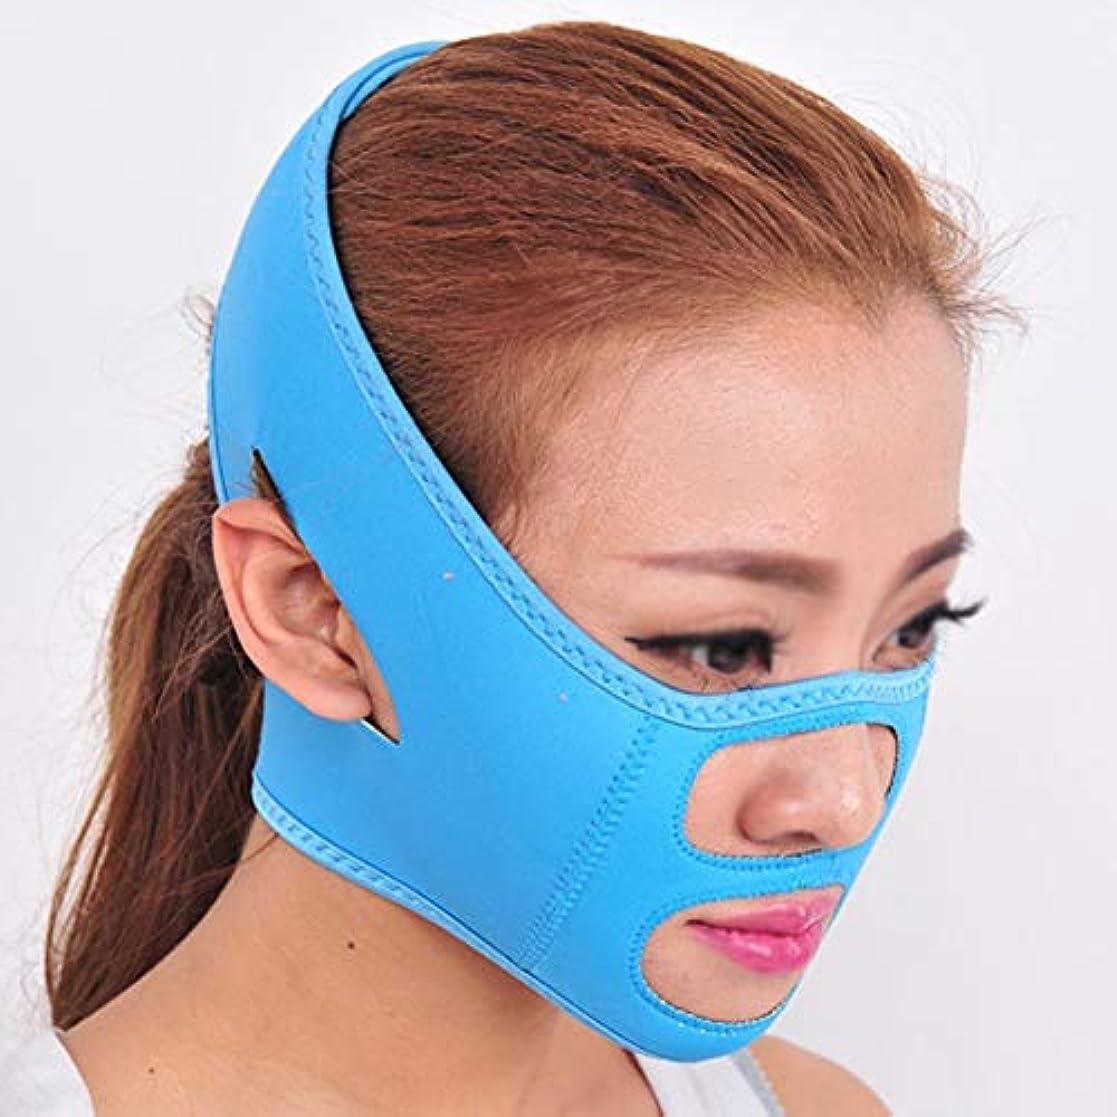 印刷するミュウミュウ全くXHLMRMJ あごのストラップ、フェイスリフティングマスク、二重あご、フェイスリフティングに最適、リフティングフェイシャルスキン、フェイシャル減量マスク、フェイスリフティングベルト(フリーサイズ) (Color : Blue)